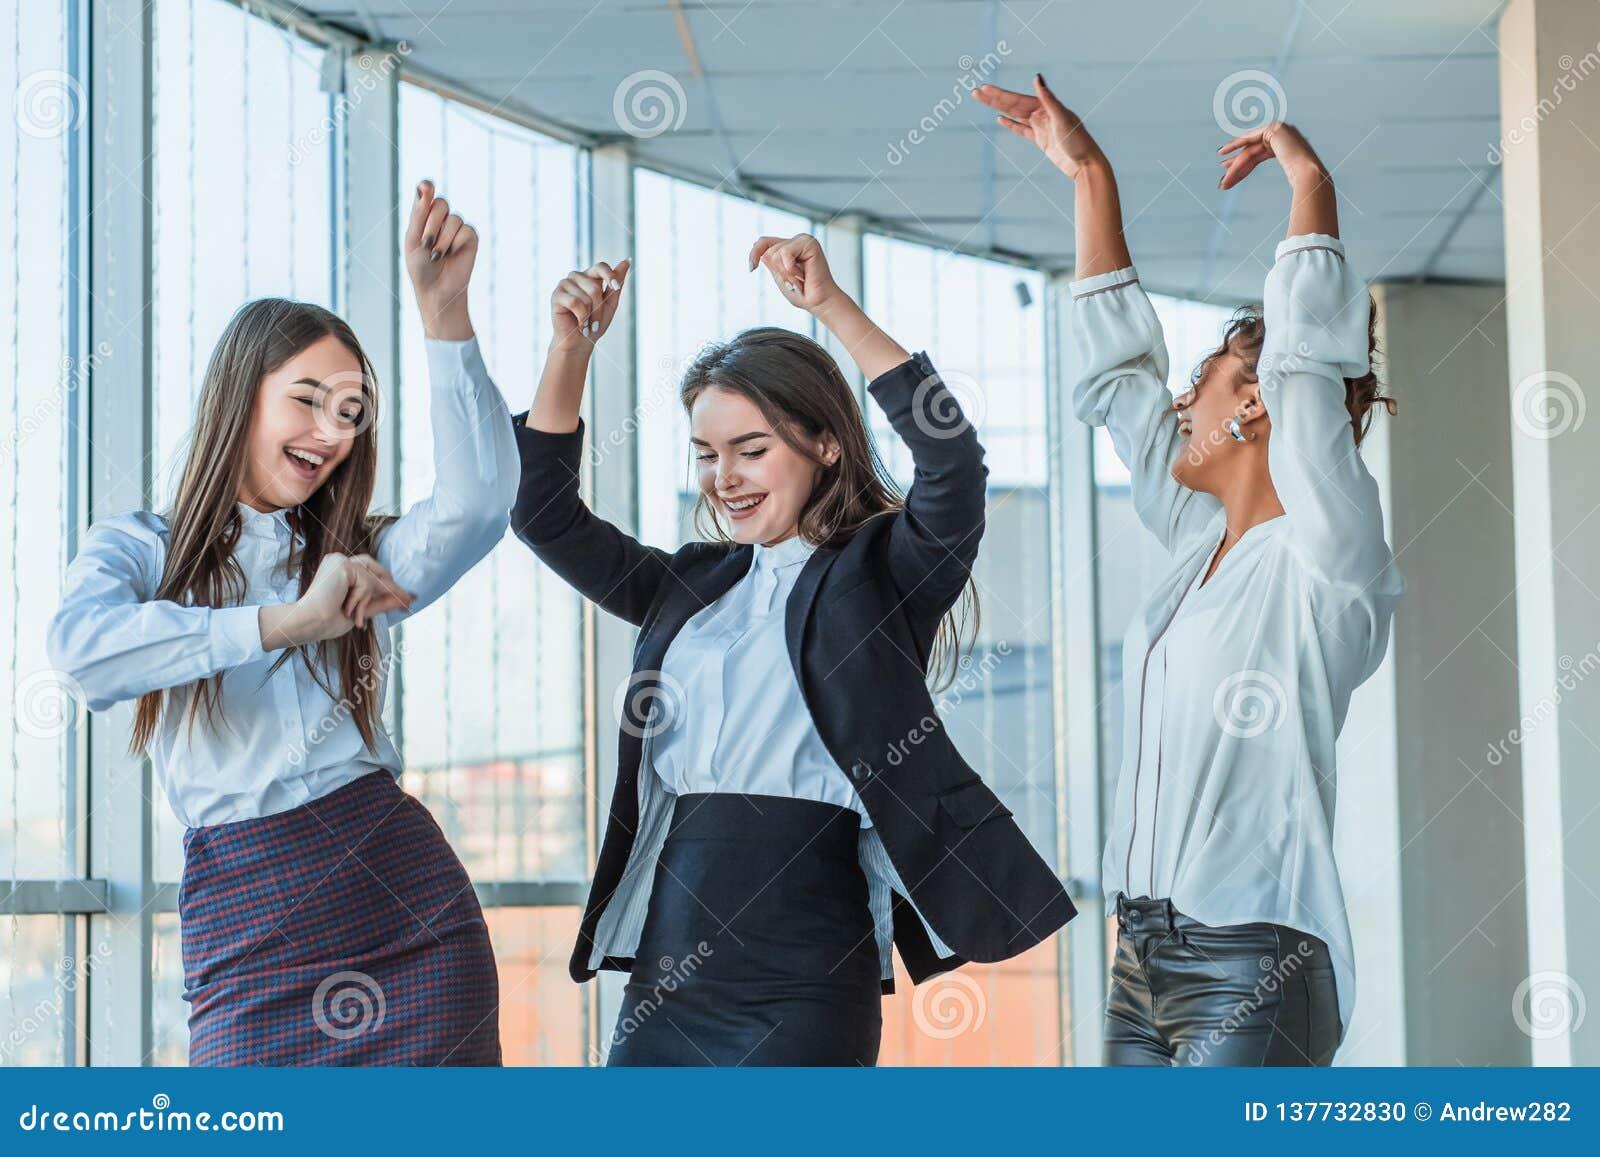 Trzy młodej pięknej brunetki biznesowej damy w biurze Wszystkie szczęśliwy dancingowy taniec z w górę kopii przestrzeni